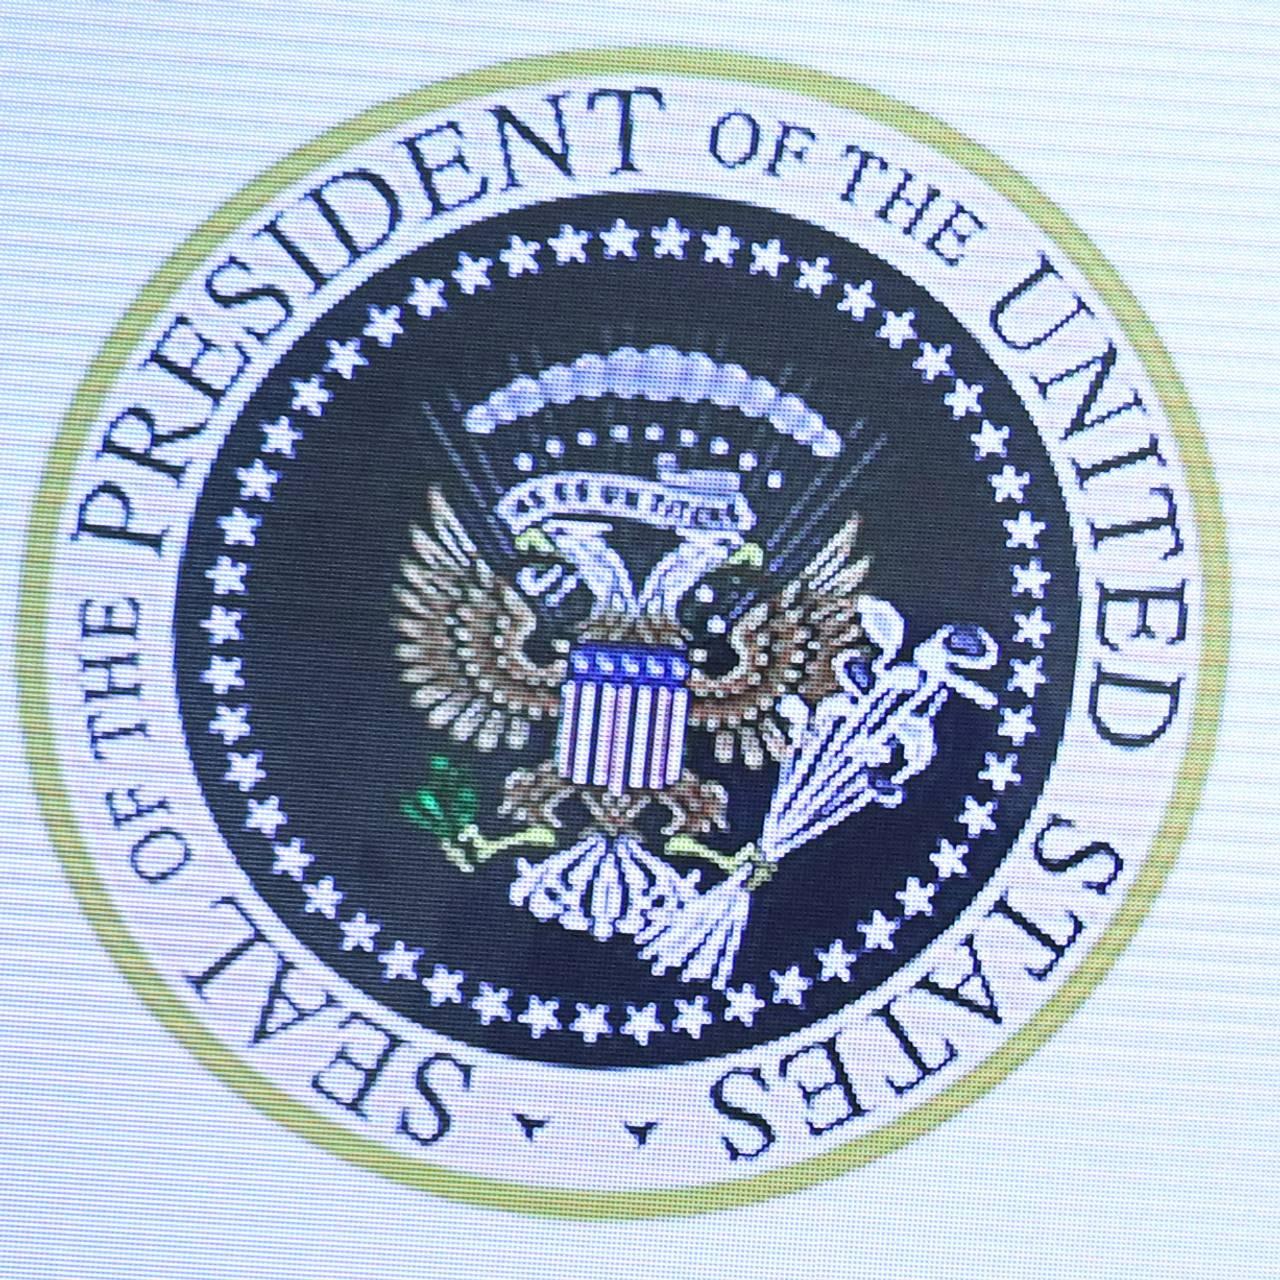 President Trump og et falsk presidentsegl